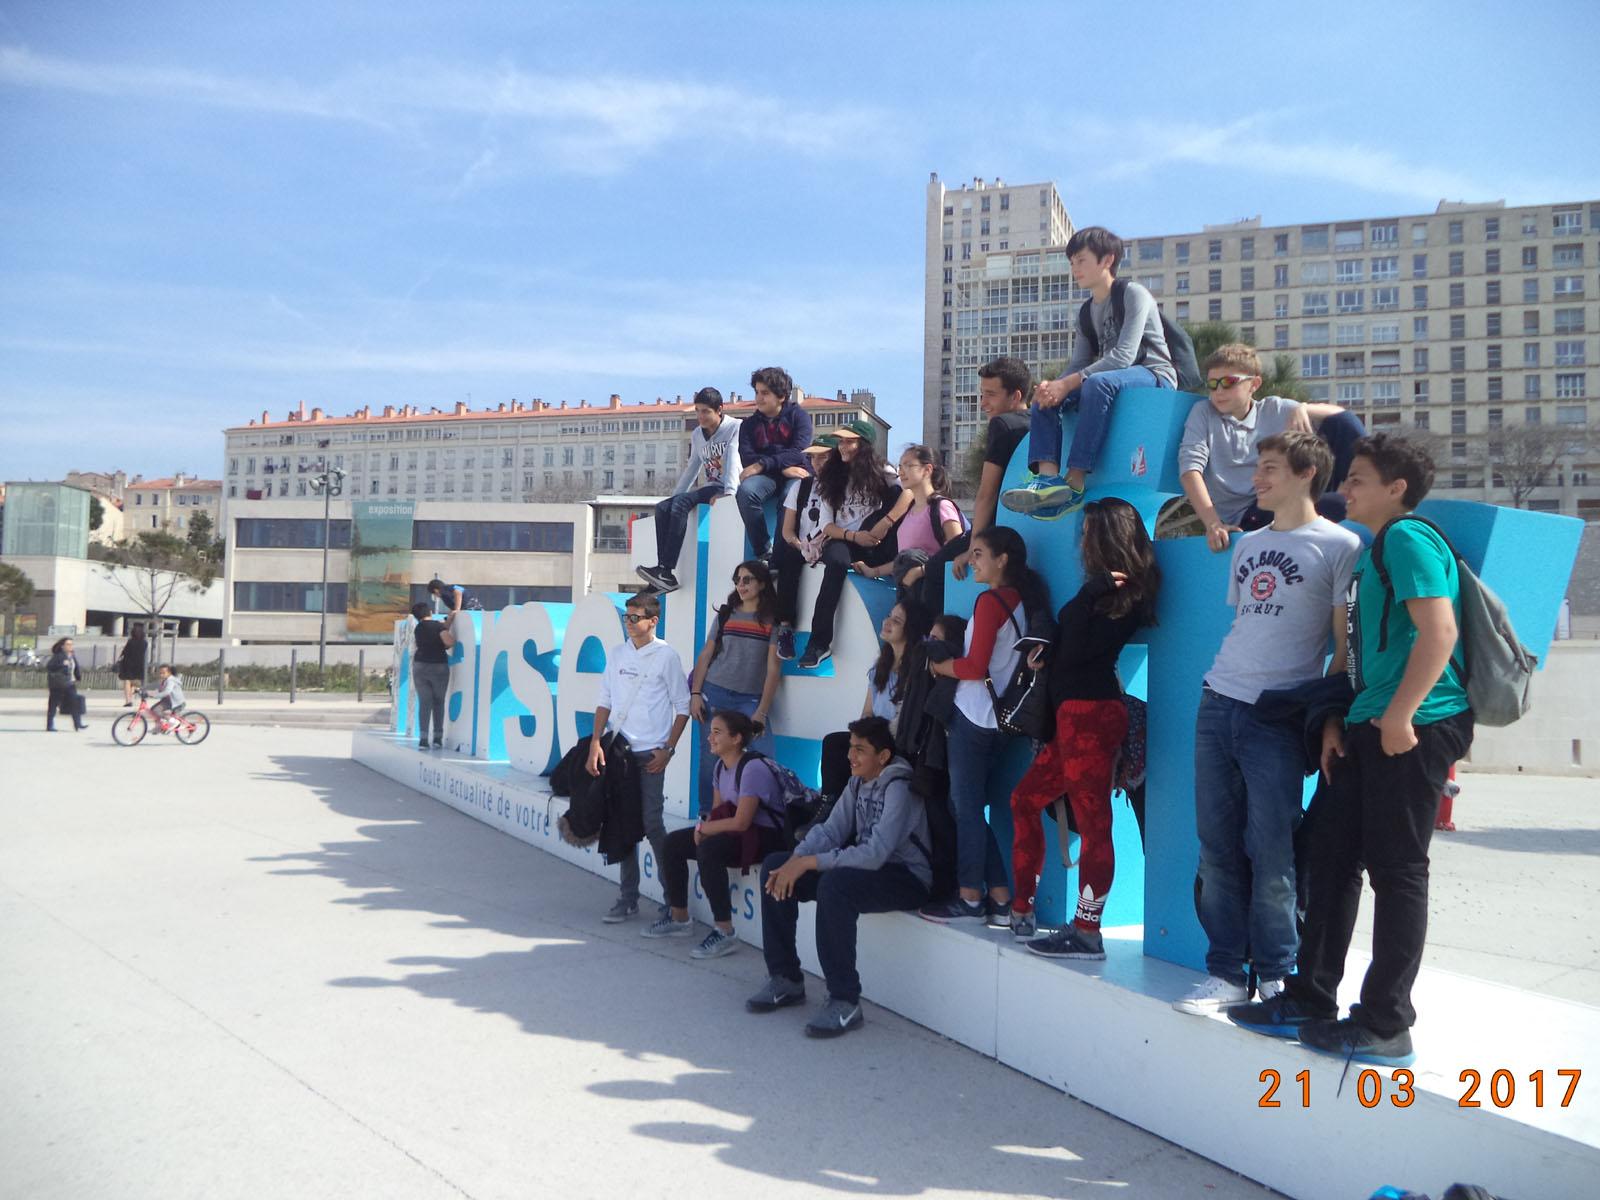 Echange mémorable avec le Collège Mignet d'Aix-en-Provence : Visites culturelles, projets littéraires et liens d'amitié pour nos élèves de 4.2.-0